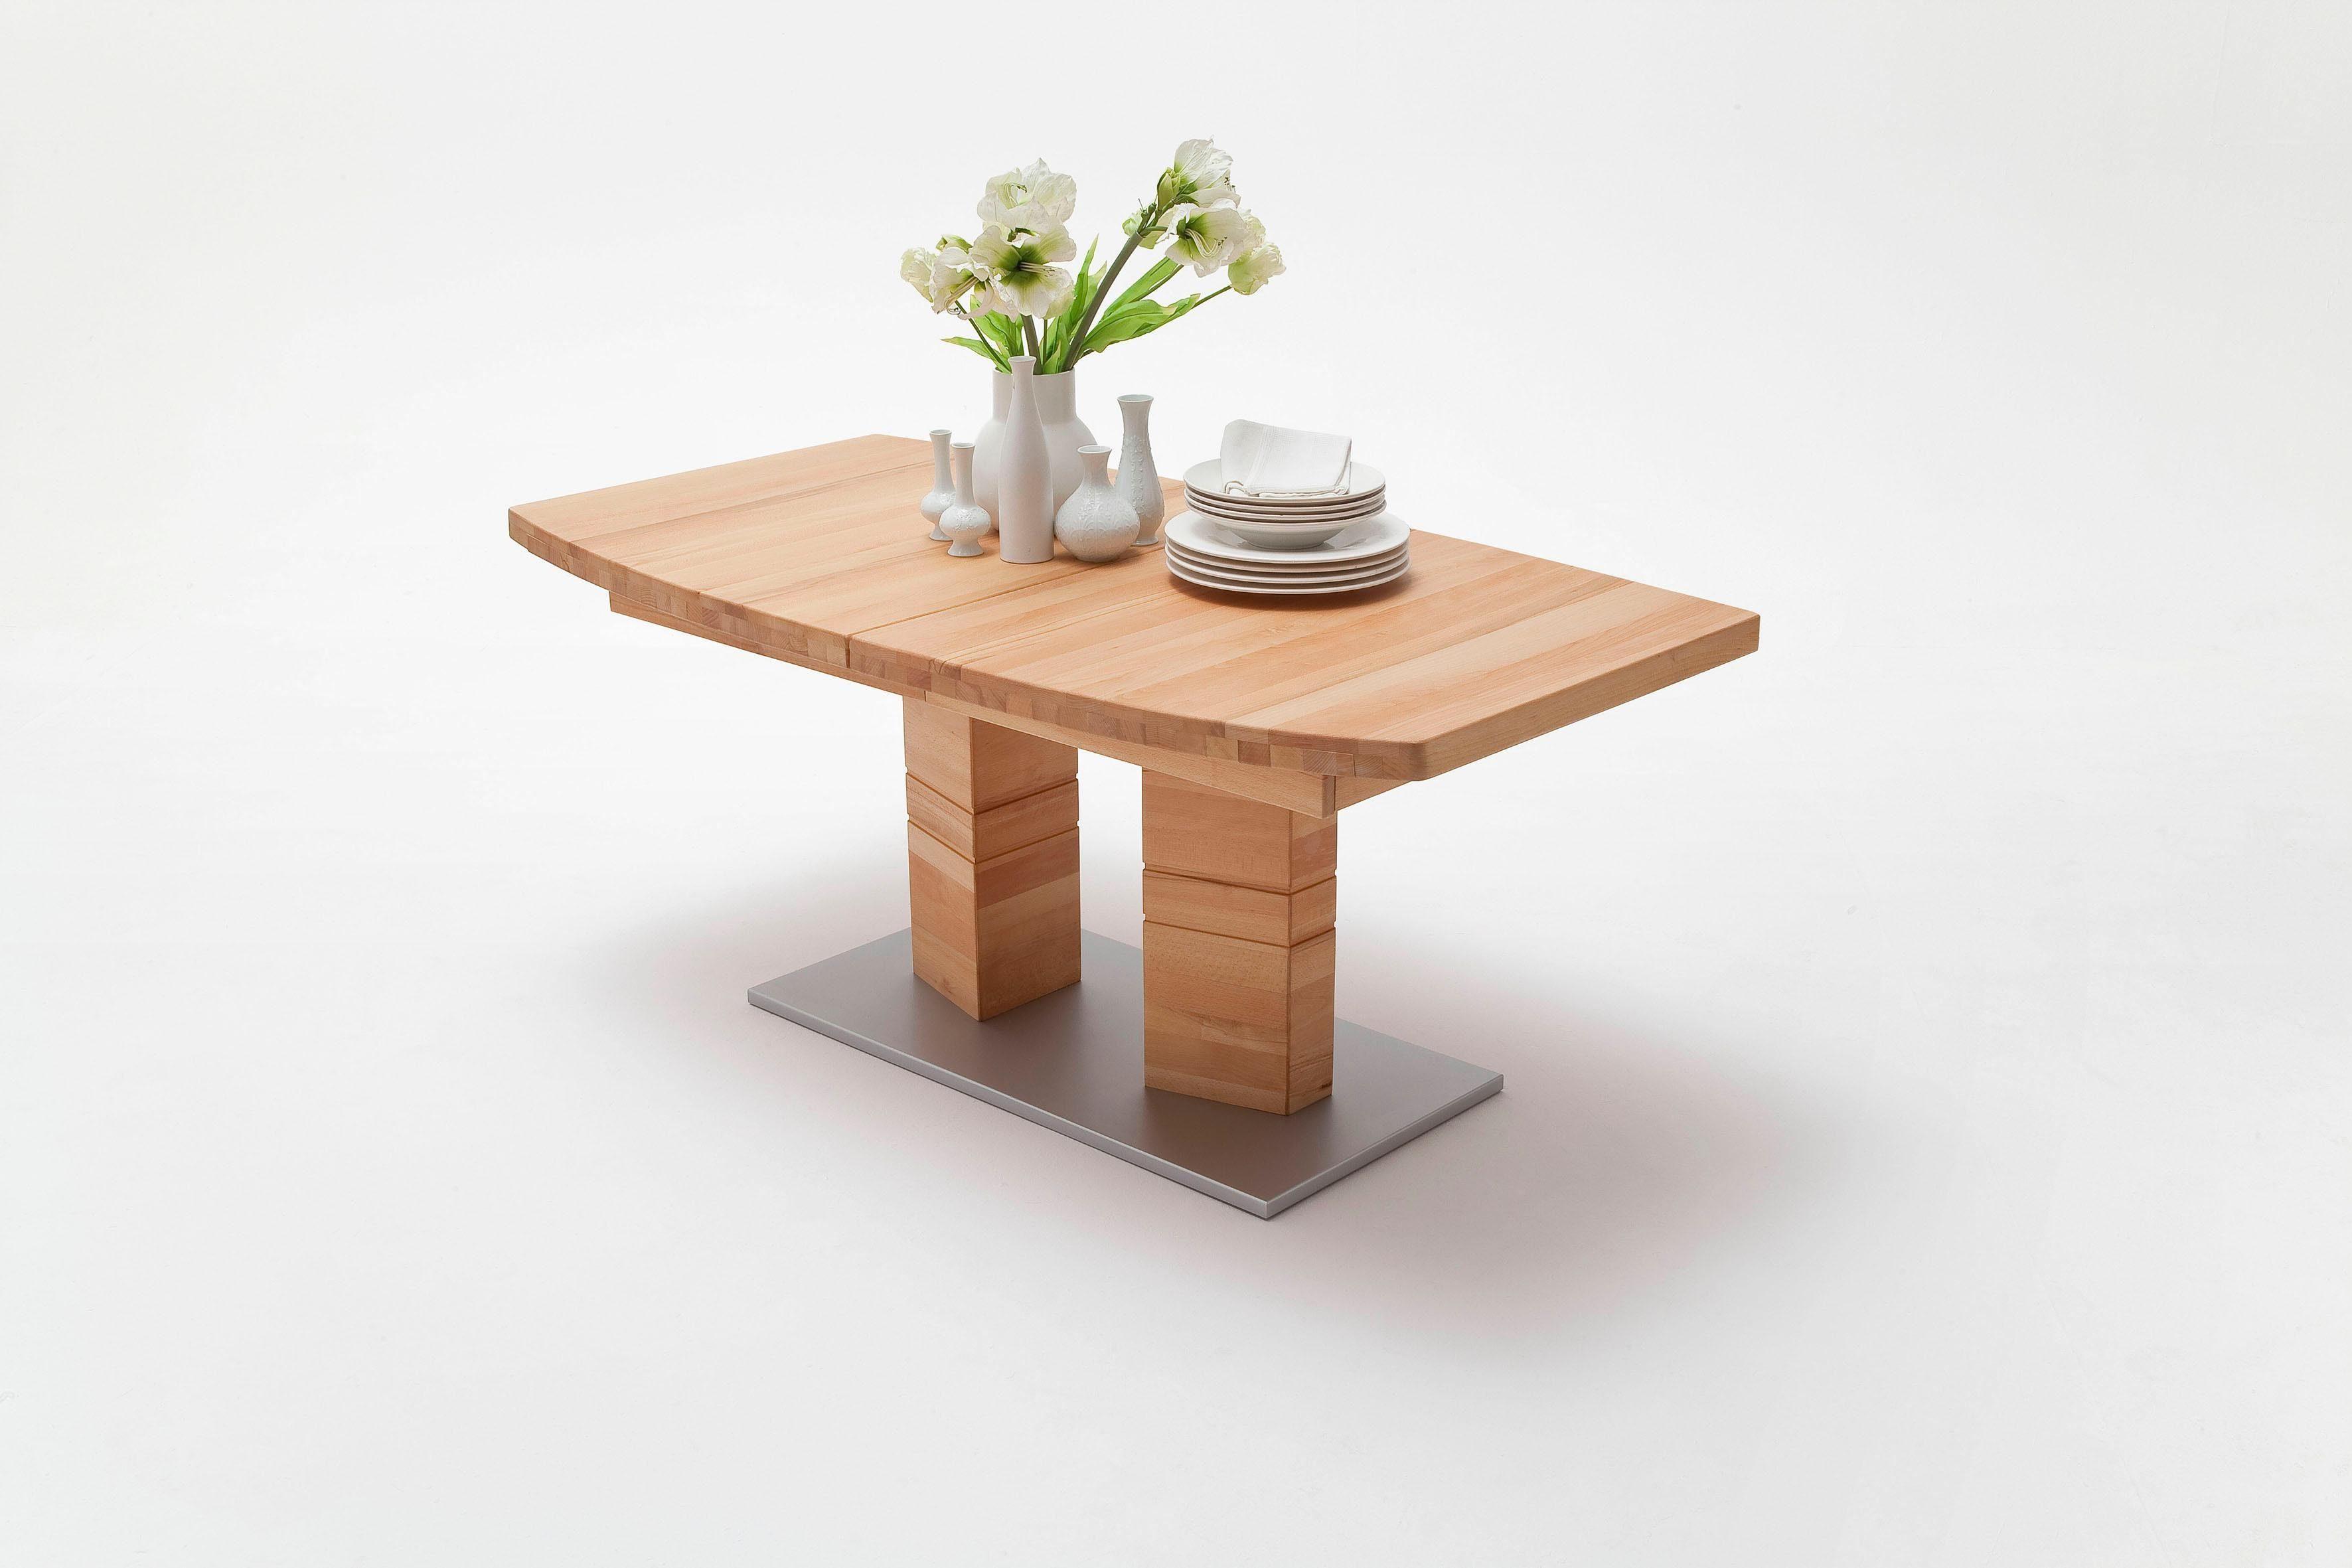 MCA furniture Säulen Esstisch »Cuneo«, 2 Jahre Hersteller Garantie online kaufen | OTTO